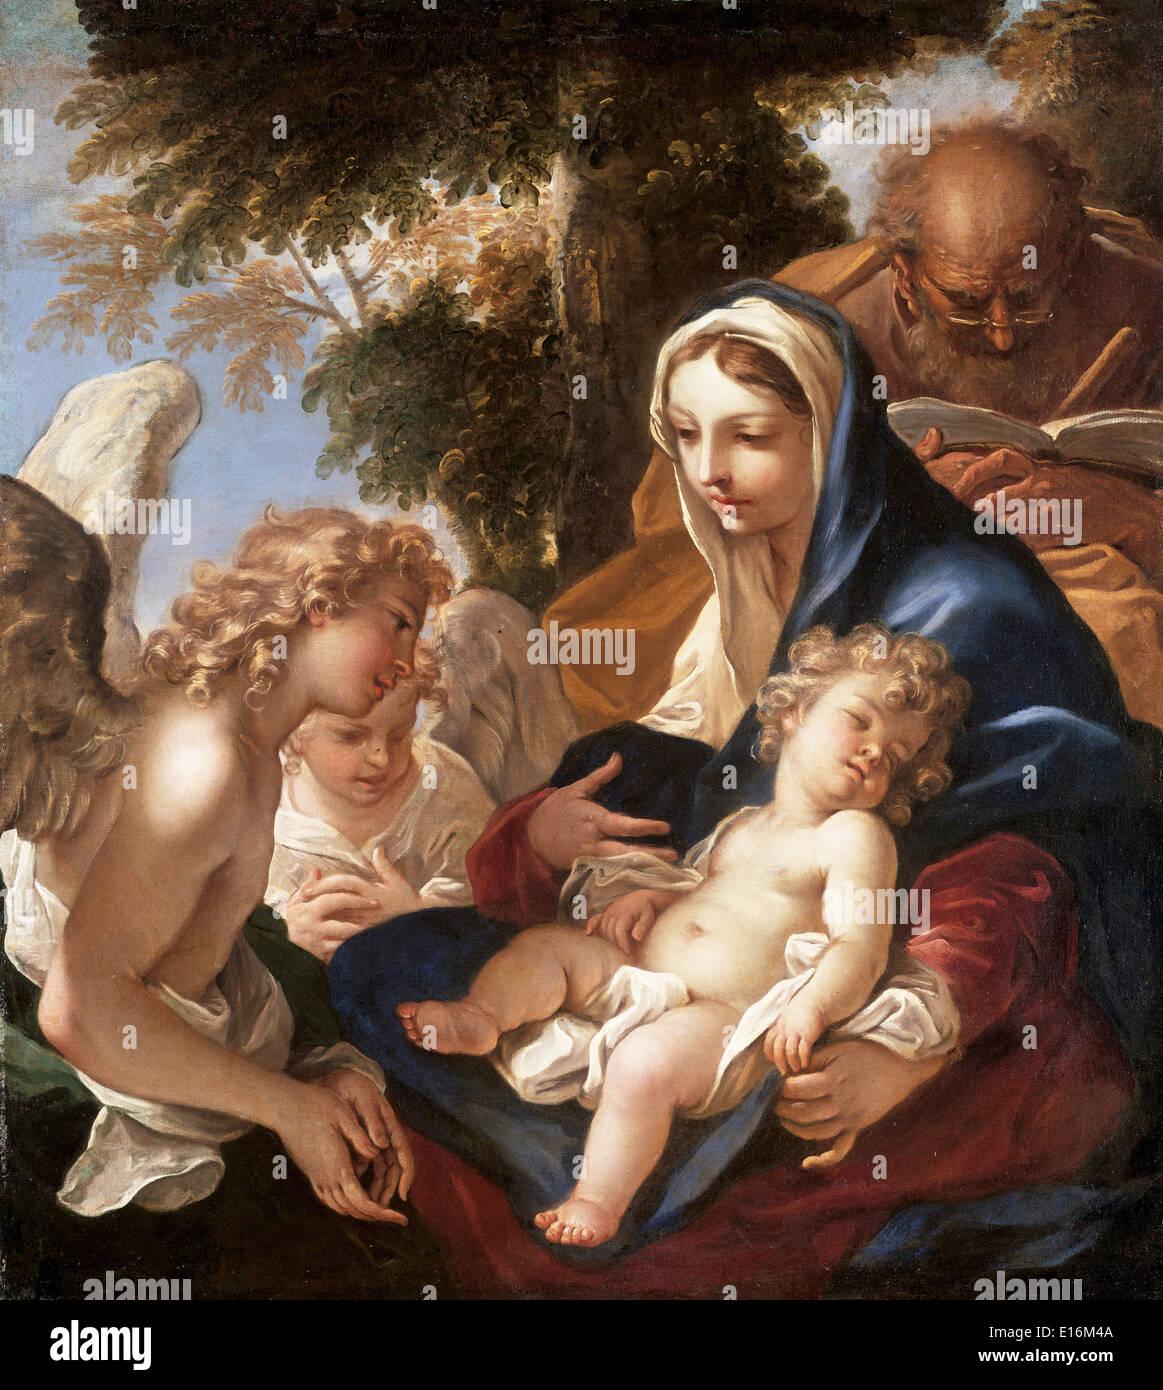 Holy Family with Angels by Sebastiano Ricci, 1700 Stock Photo